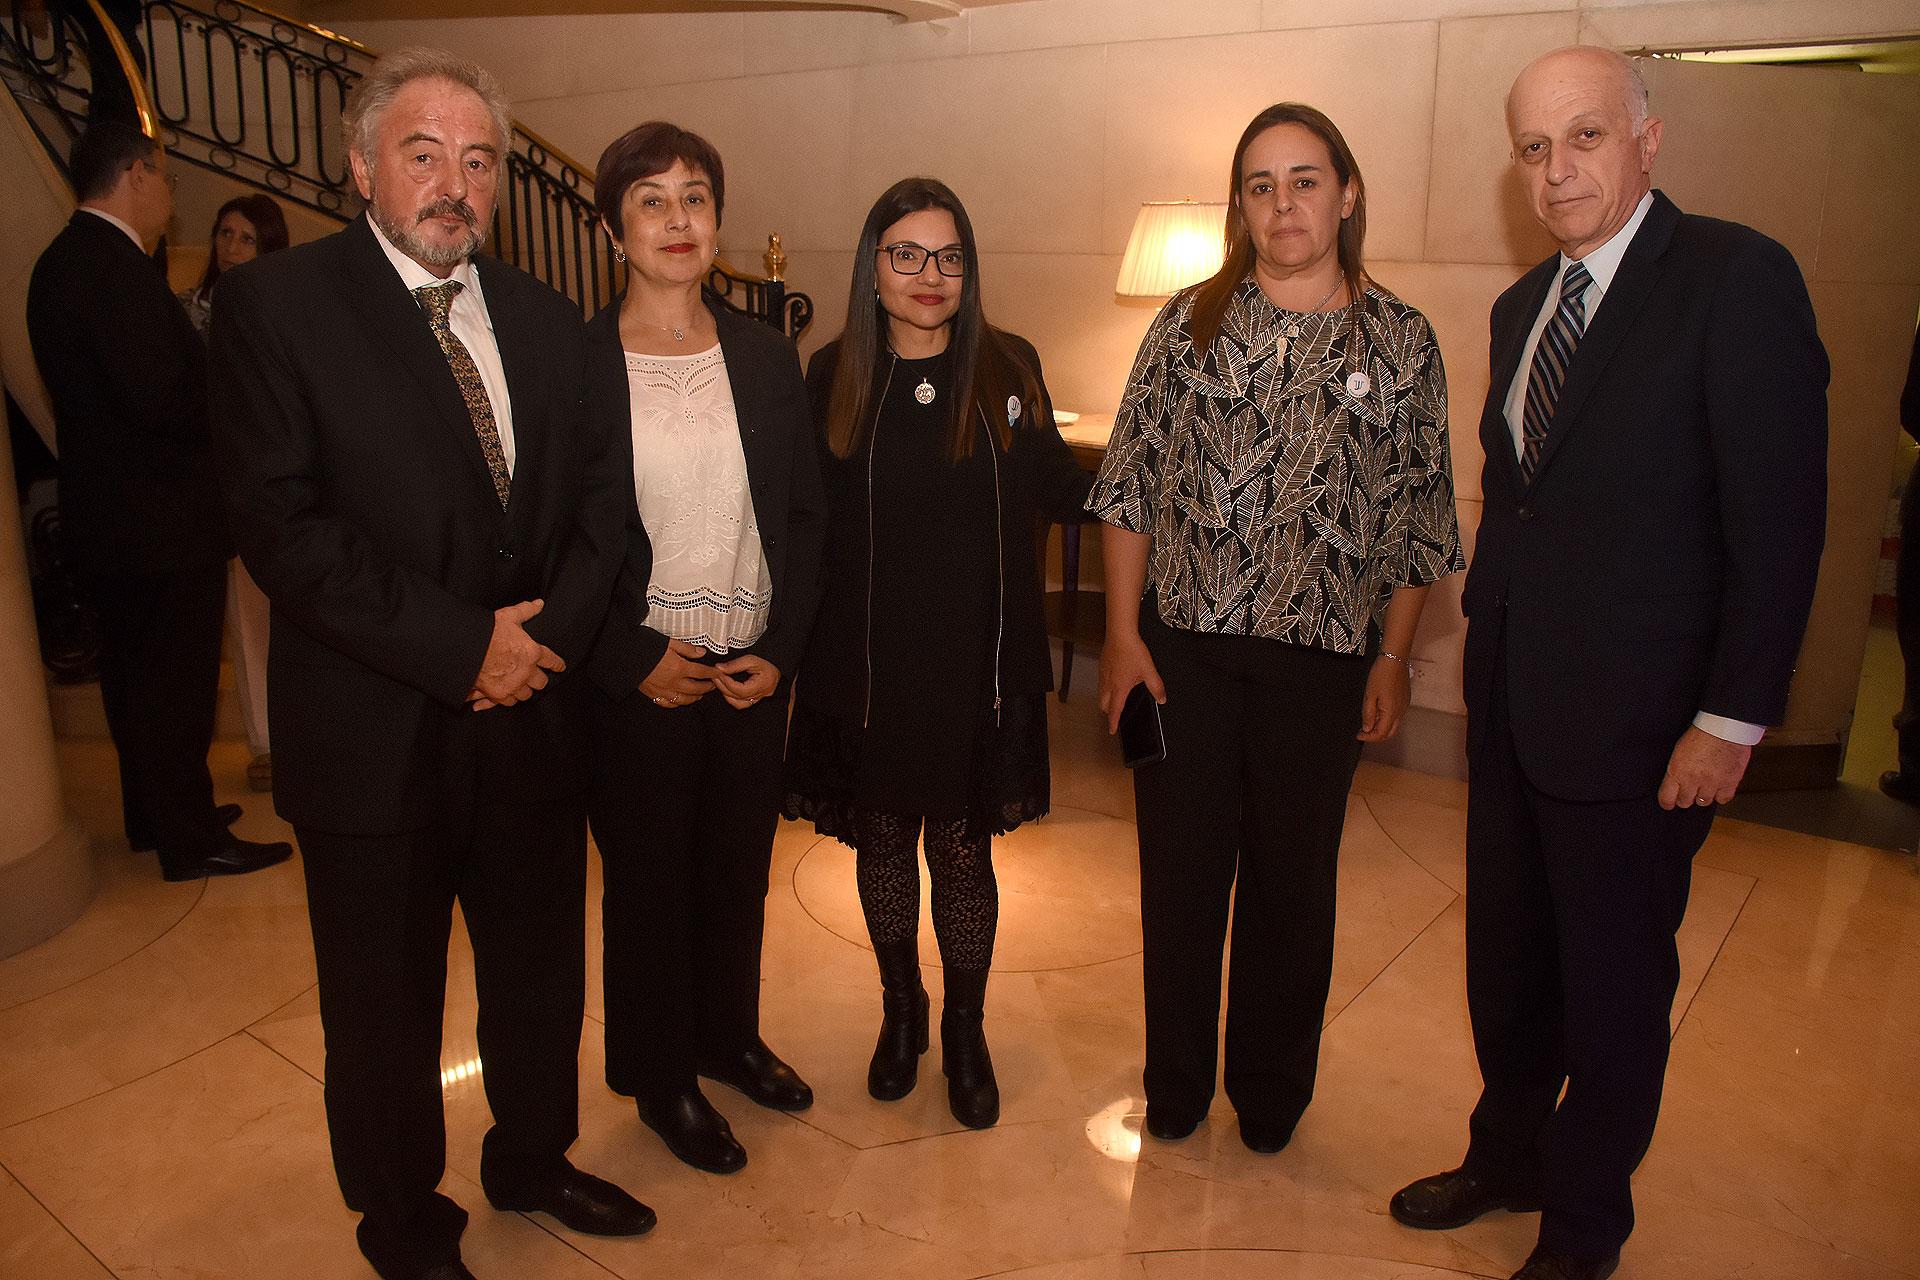 El fiscal Rodolfo Pavlosky acompañado por su mujer, Karina Massa, miembro Usina de la Justicia y Eduardo Casal, procurador general de la Nación